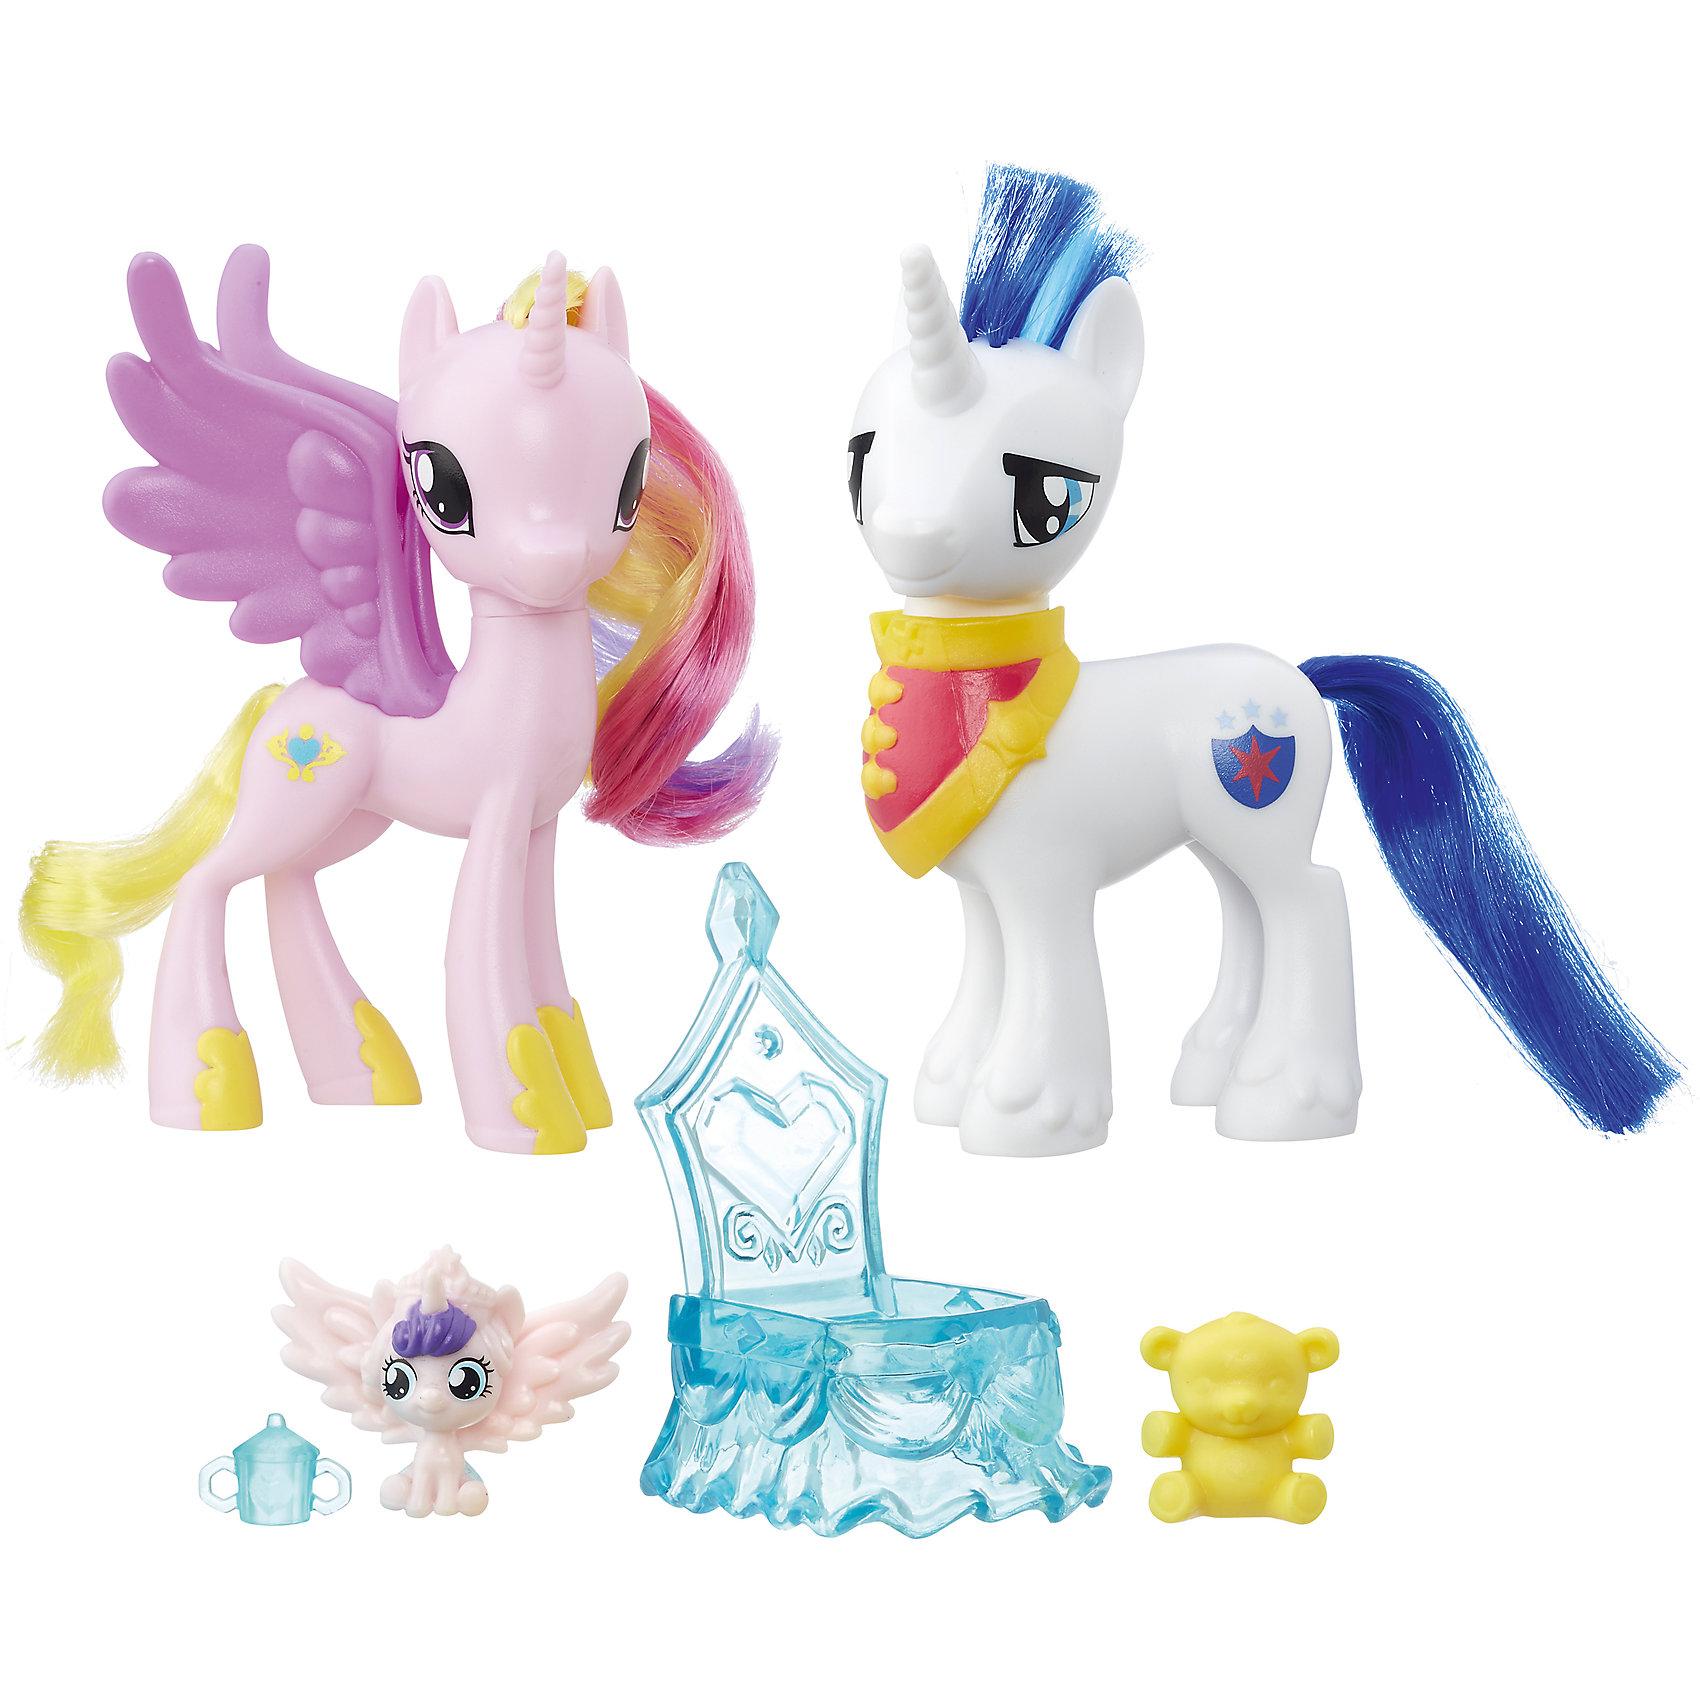 Пони-модницы парочки, My little Pony, Принцесса Каденс и Шайнинг Армор B9160/B9848Игрушки<br>Характеристики:<br><br>• Вид игр: сюжетно-ролевые, коллекционирование<br>• Пол: для девочек<br>• Коллекция: My little Pony<br>• Материал: пластик<br>• Высота фигурки: 7,5 см<br>• Комплектация: три фигурки пони, колыбелька, бутылочка для кормления и игрушка для малыша<br>• Вес в упаковке: 290 г<br>• Размеры упаковки (Г*Ш*В): 27*7,5*24 см<br>• Упаковка: блистер на картонной подложке<br><br>Пони-модницы парочки: Принцесса Каденс и Шайнинг Армор, My little Pony, B9160/B9848 – это новая коллекция бренда My little Pony от Хасбро. В коллекции представлены фигурки семейные пары с малышом-пони и аксессуарами для ухода за ним. В комплекте предусмотрена колыбелька для малыша-пони, бутылочка для кормления и любимая игрушка – медвежонок. Теперь можно разыгрывать любимые сюжеты игры дочки-матери вместе с замечательными пони! Фигурки и аксессуары выполнены из экологически безопасного и прочного пластика, который устойчив к физическим и механическим повреждениям, окрашены нетоксичными яркими красками, которые не изменяют свой цвет даже при длительной эксплуатации. Игры с такими фигурками будут способствовать развитию фантазии и воображения. Пони-модницы парочки: Принцесса Каденс и Шайнинг Армор, My little Pony, B9160/B9848 – это замечательный подарок для девочки к любому празднику!<br><br>Пони-модниц парочки: Принцесса Каденс и Шайнинг Армор, My little Pony, B9160/B9848 можно купить в нашем интернет-магазине.<br><br>Ширина мм: 67<br>Глубина мм: 254<br>Высота мм: 235<br>Вес г: 363<br>Цвет: розовый/белый<br>Возраст от месяцев: 36<br>Возраст до месяцев: 120<br>Пол: Женский<br>Возраст: Детский<br>SKU: 5363519